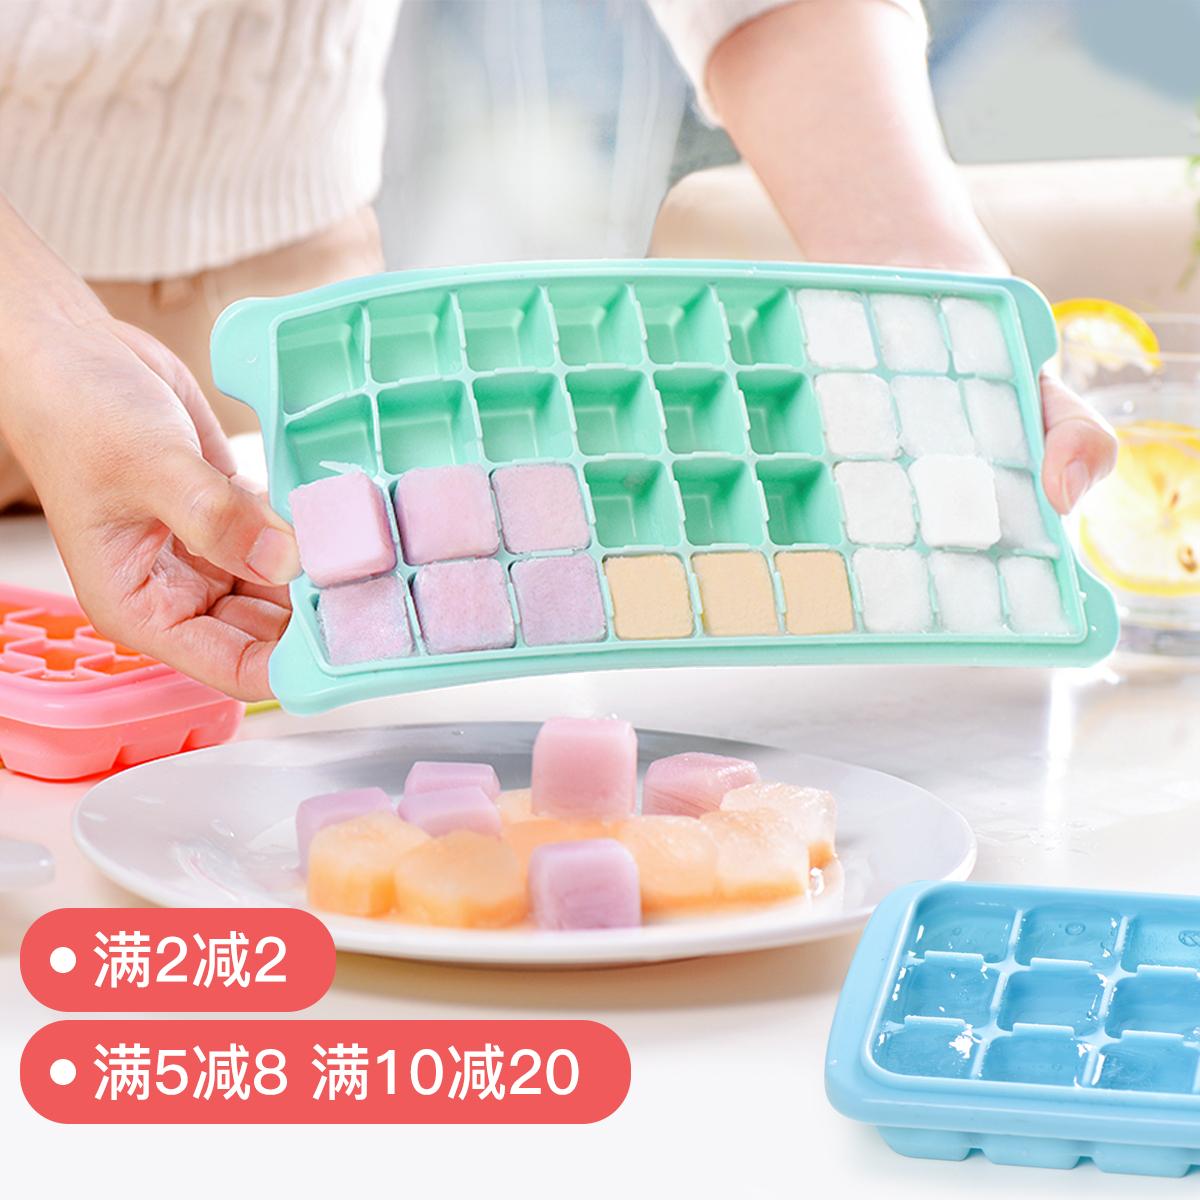 日式創意矽膠冰格帶蓋子冰塊模具儲存嬰兒寶寶輔食盒冷凍盒製冰盒